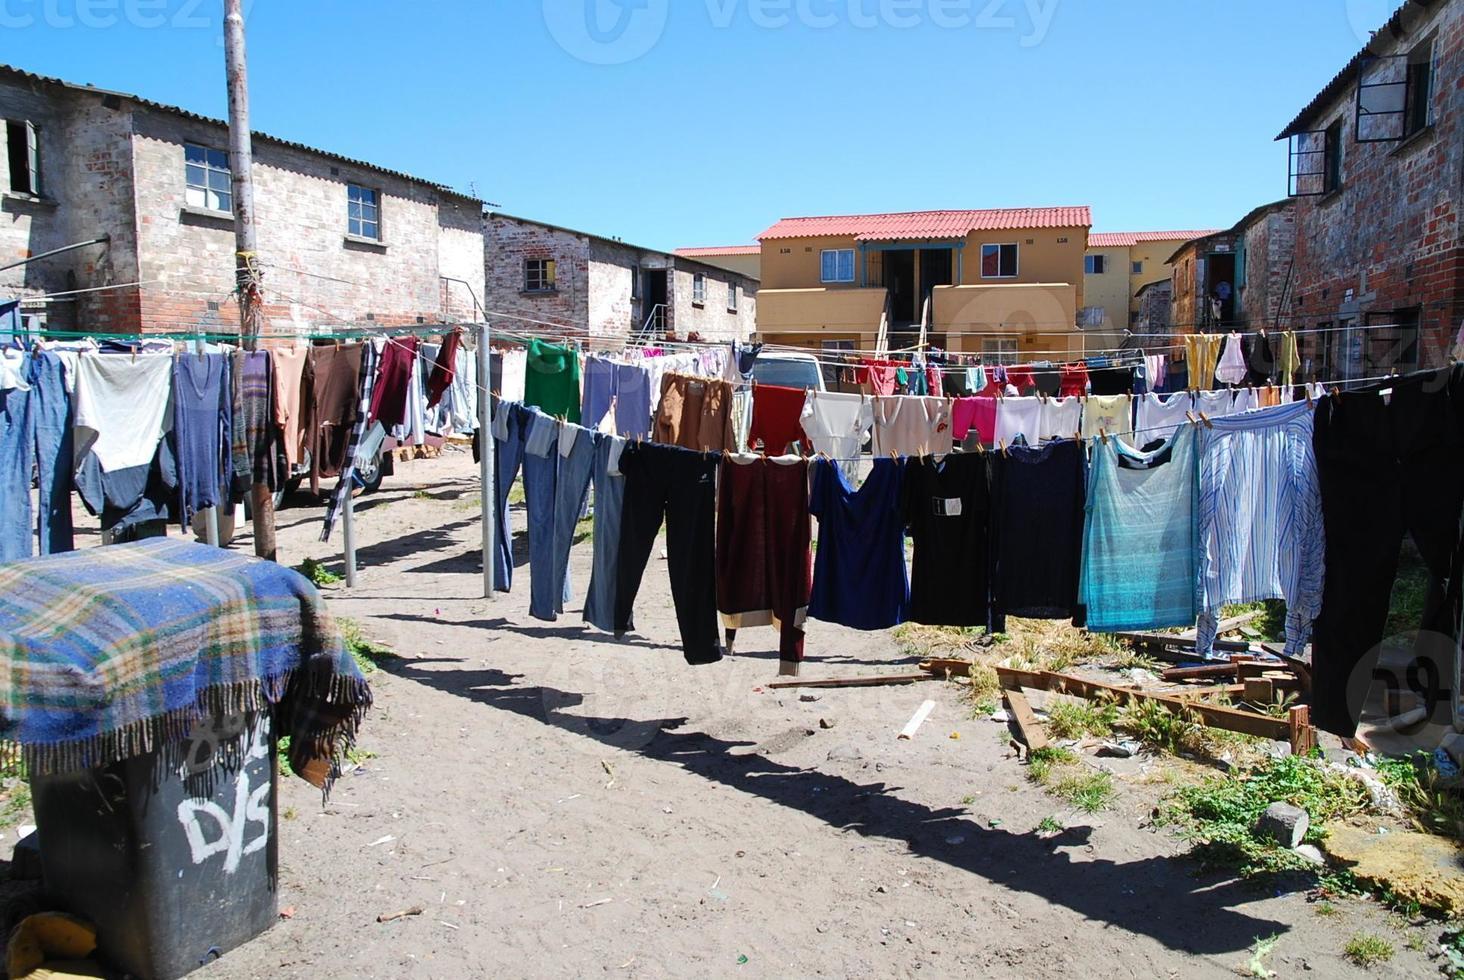 lavanderia in langa foto